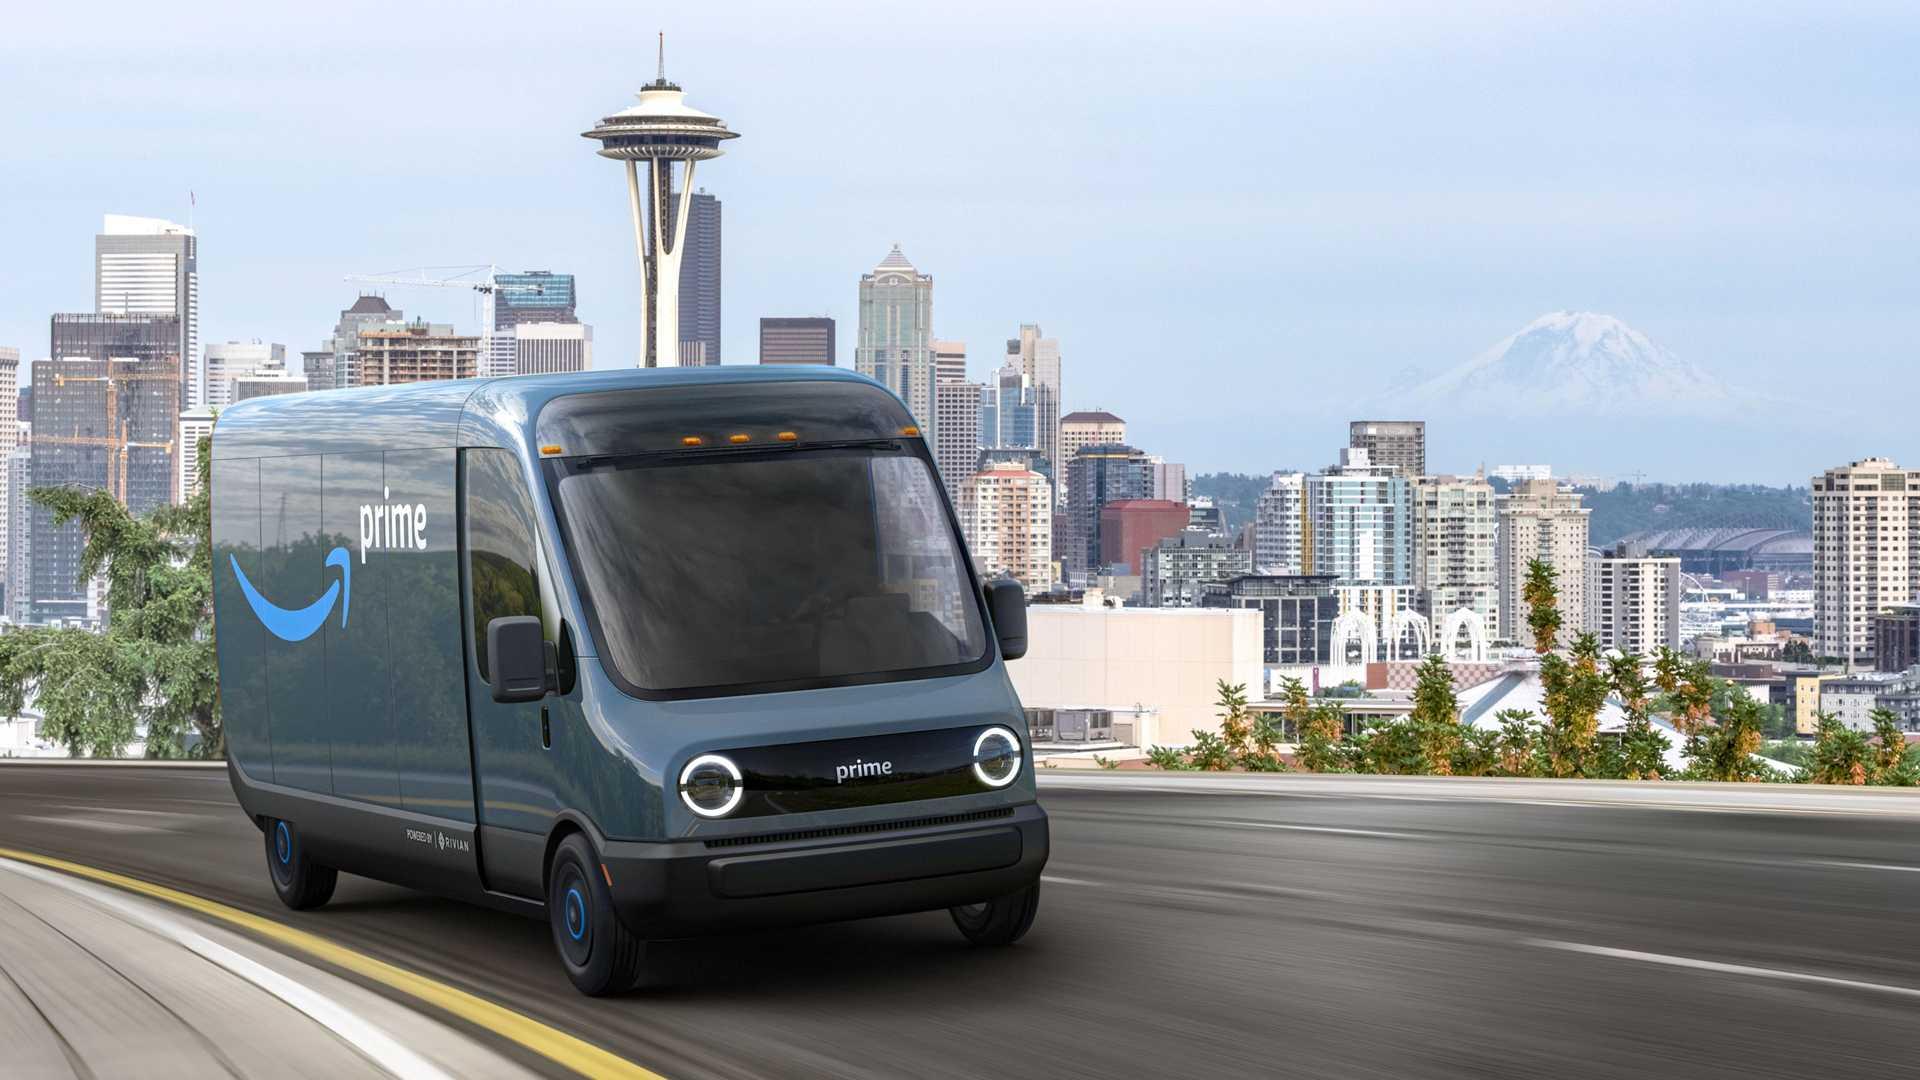 Amazon ha presentato un veicolo elettrico per le consegne progettato da Rivian